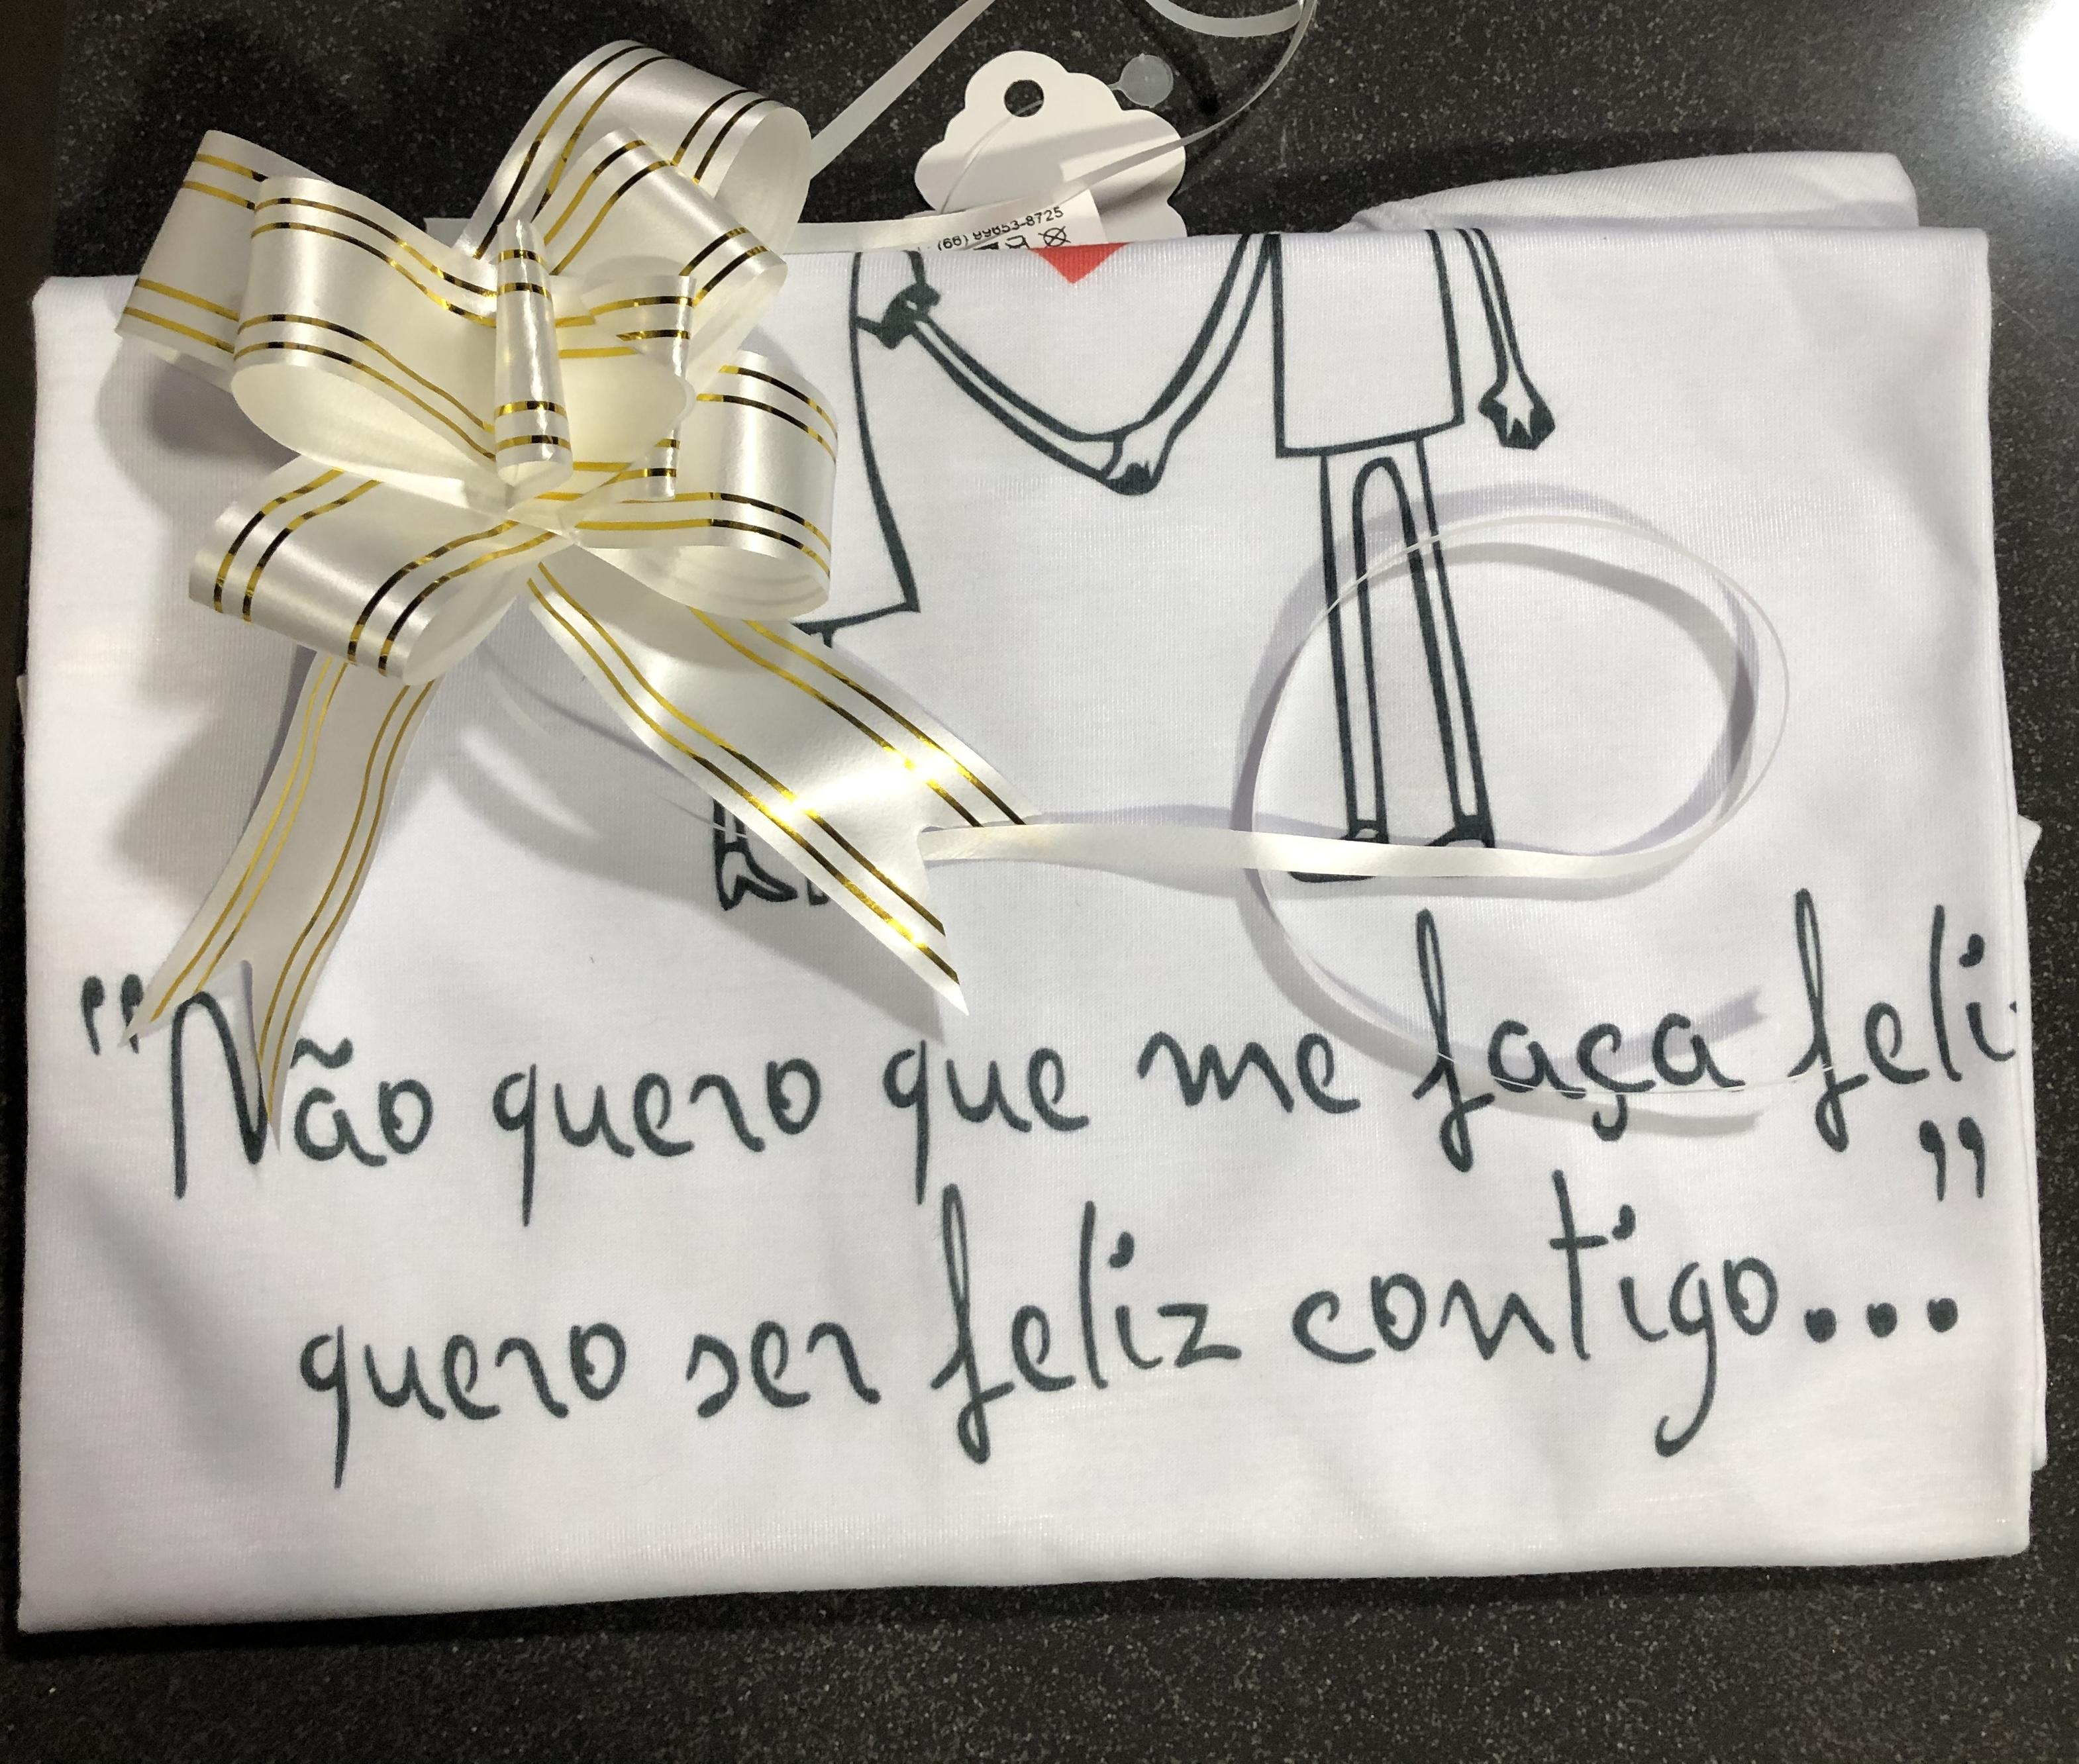 foto de Nova Infortel - Camiseta Sabetudo - Dia Dos Namorados